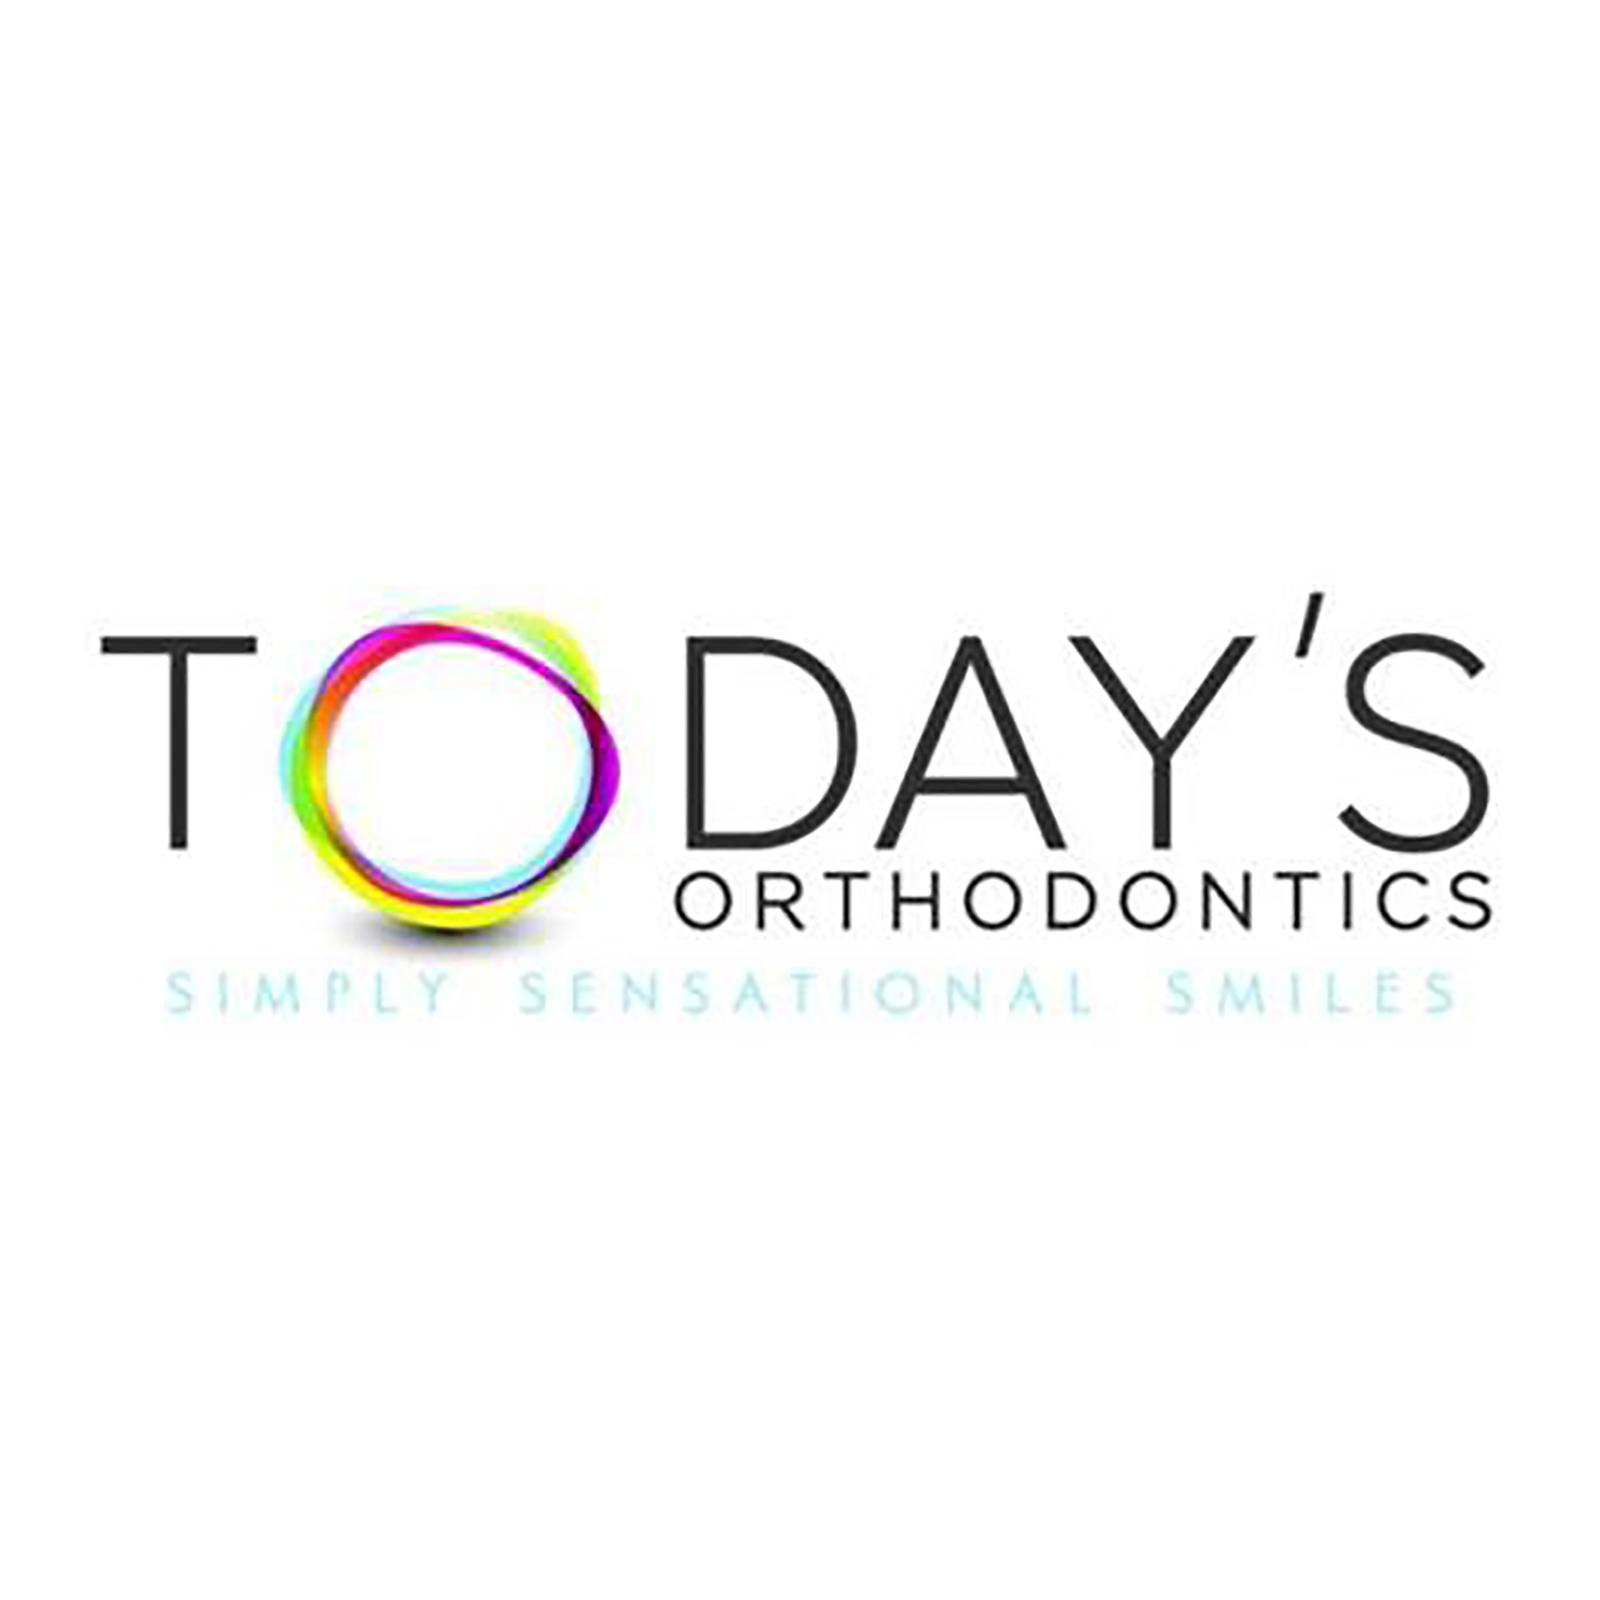 Today's Orthodontics